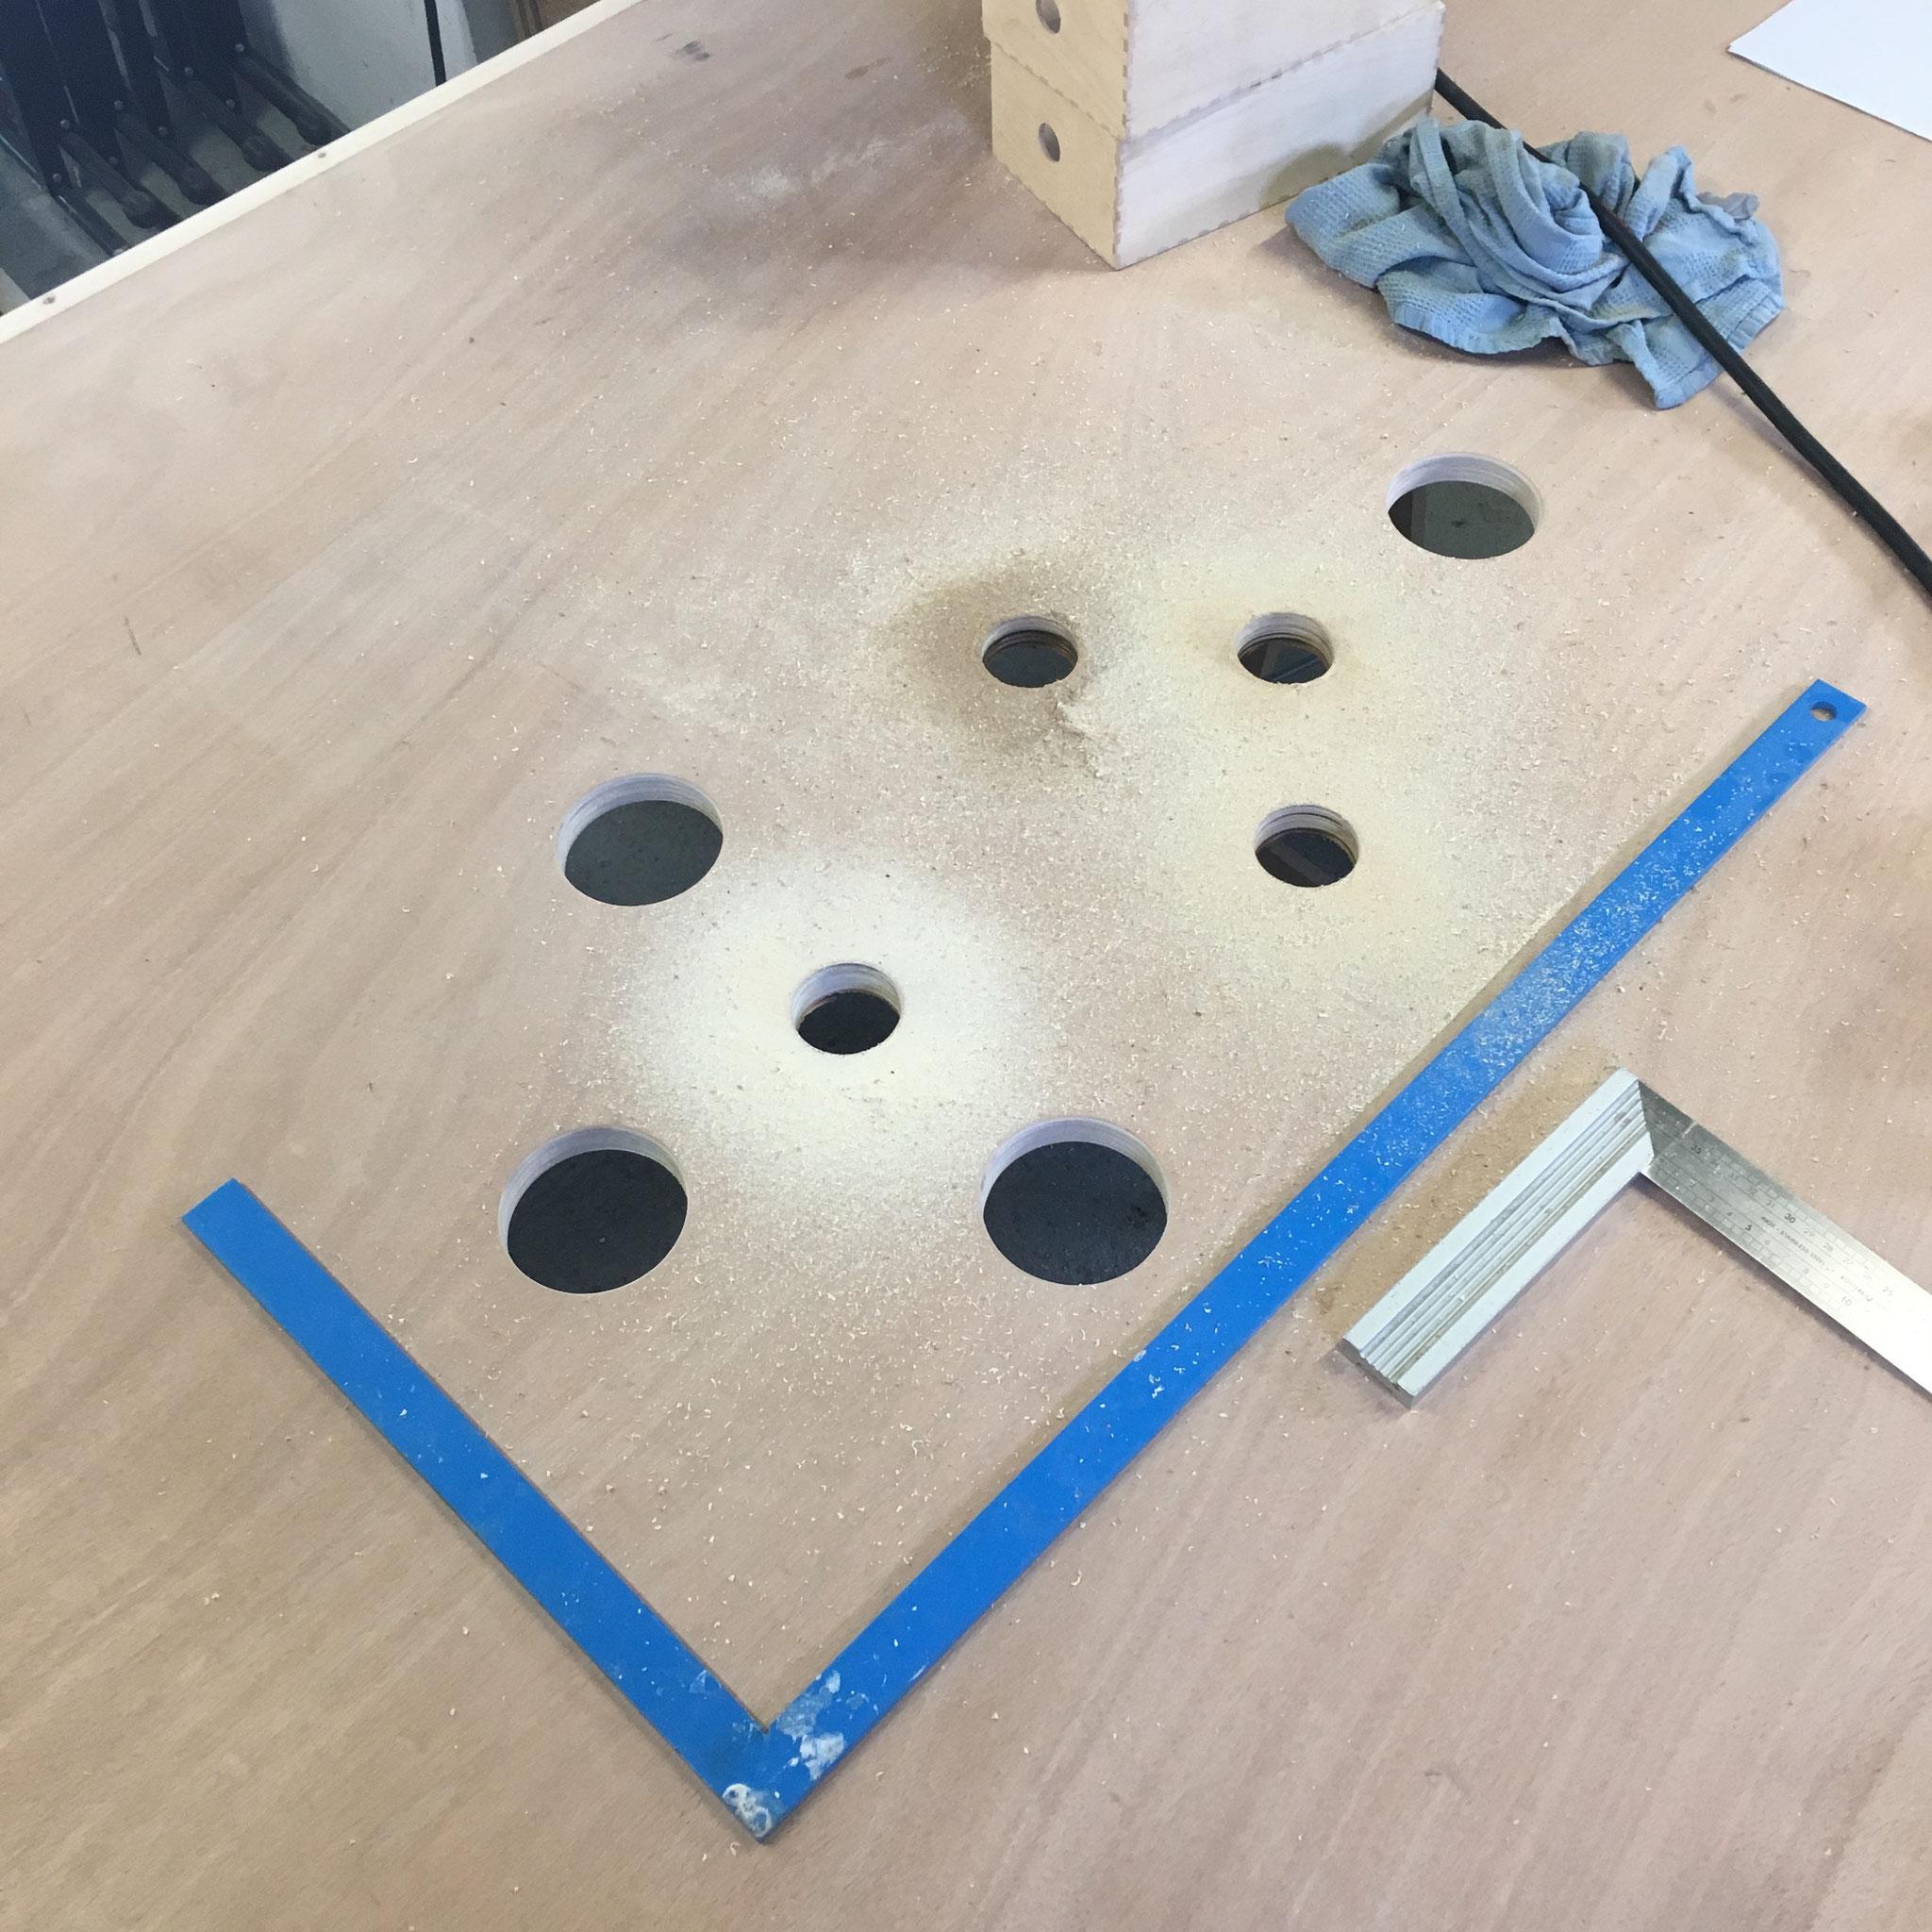 percement du plateau pour pouvoir installer les bras de micros et les lampes